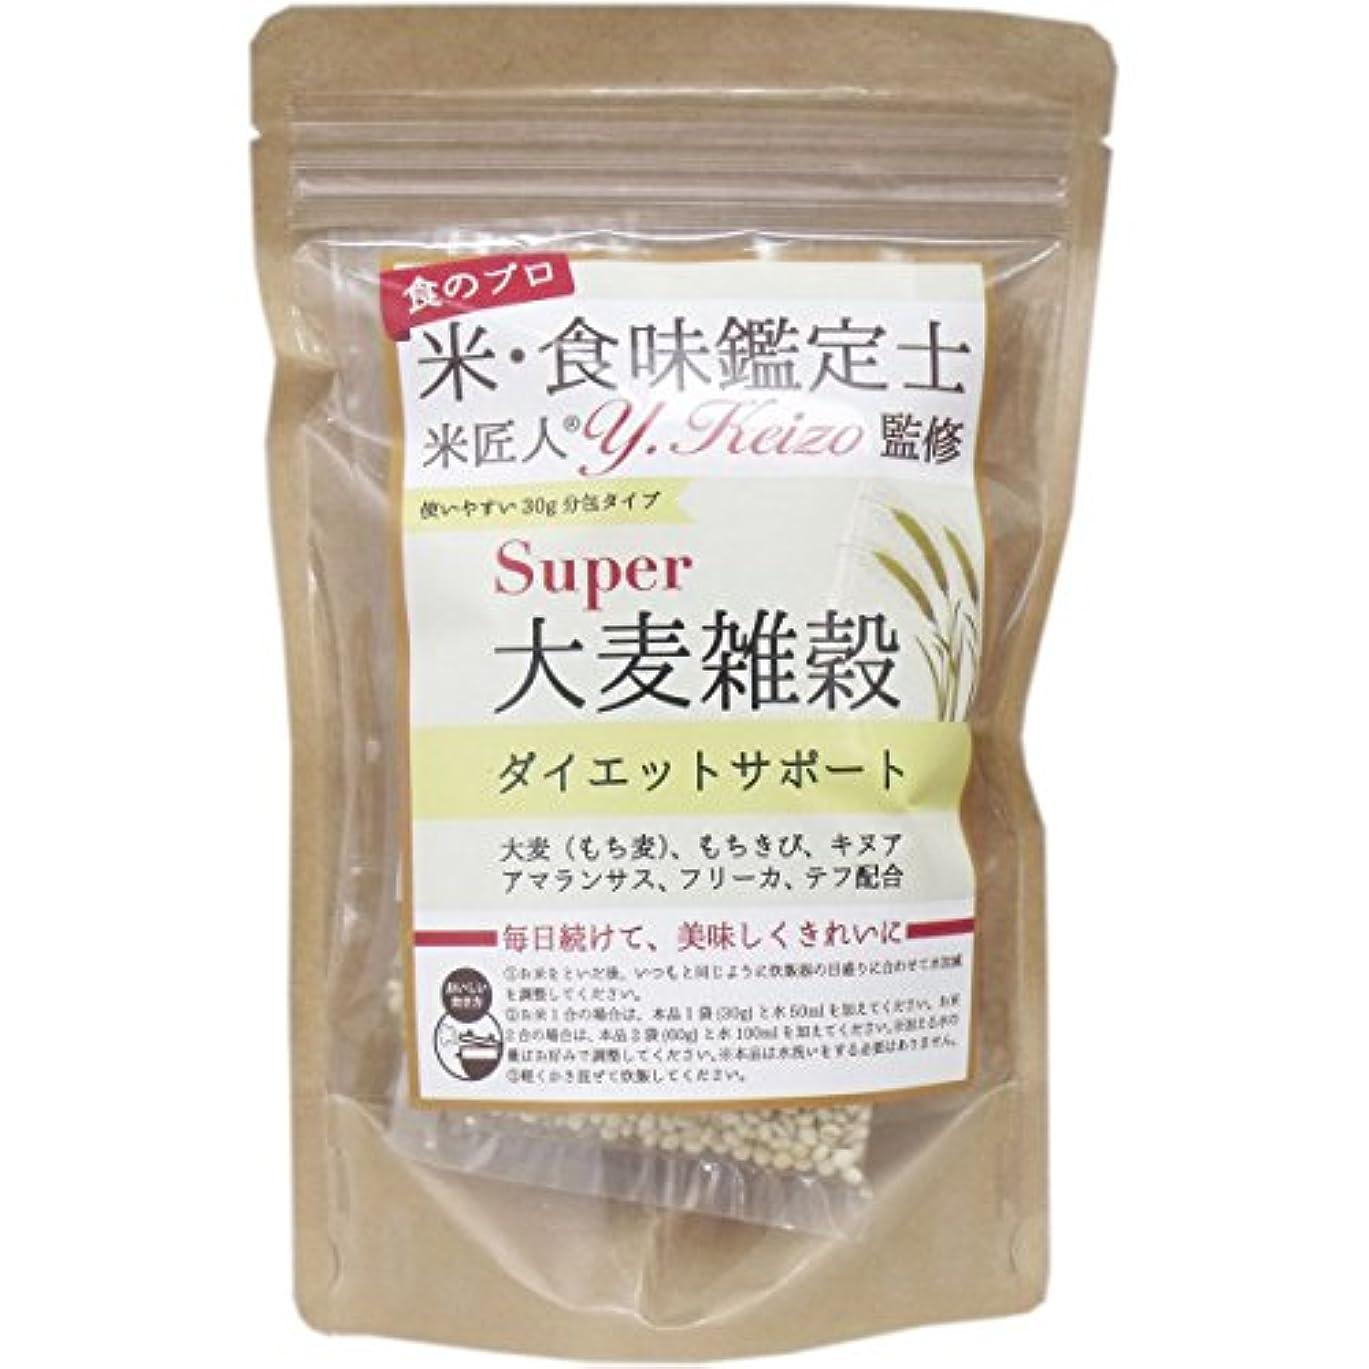 アルミニウム感性花瓶スーパー大麦雑穀ダイエットサポート 30g×6包入×5点